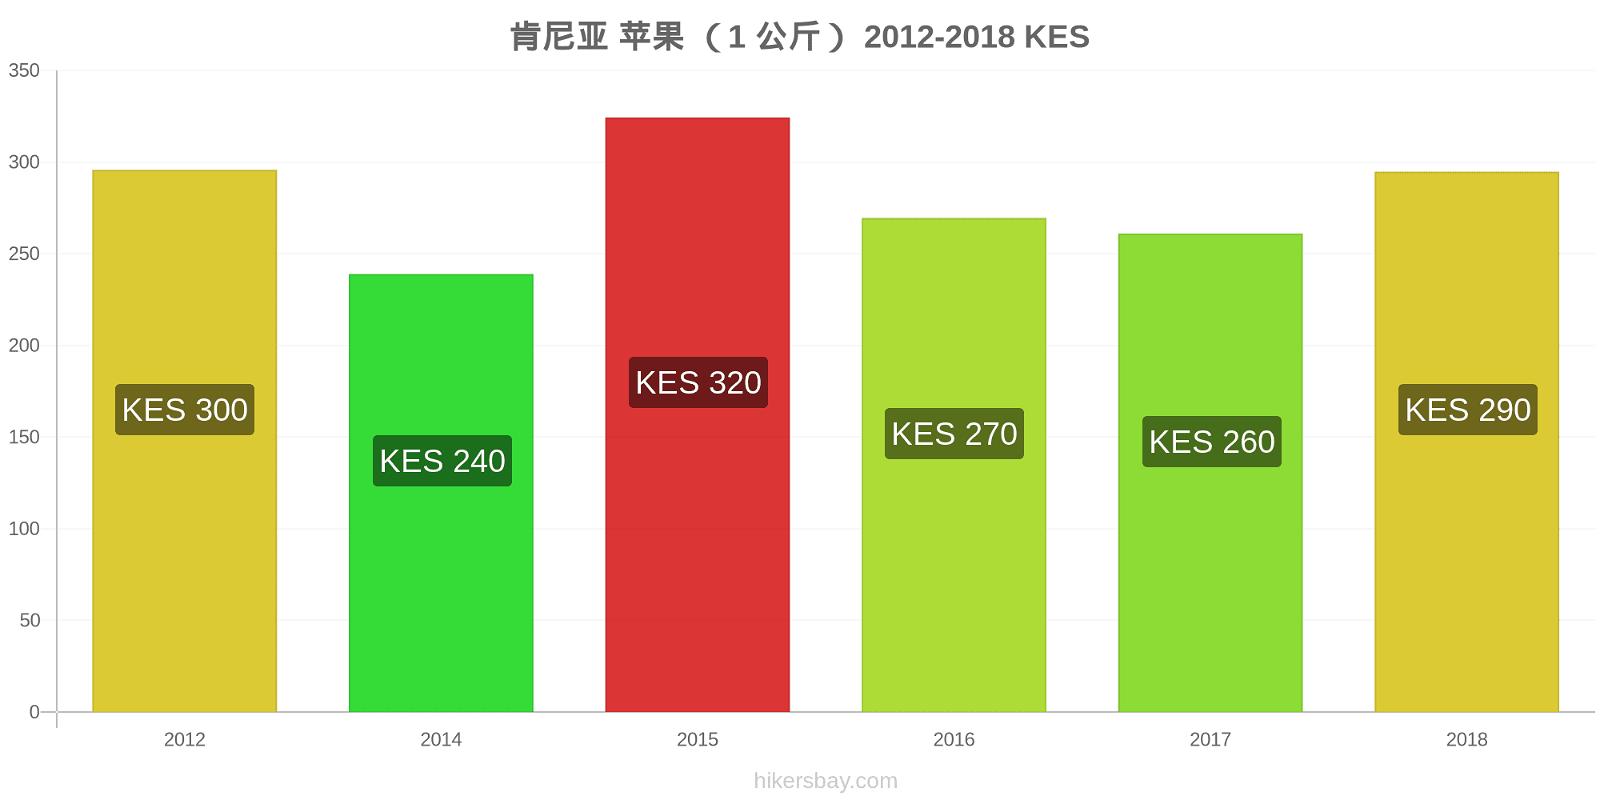 肯尼亚 价格变化 苹果 (1 公斤) hikersbay.com